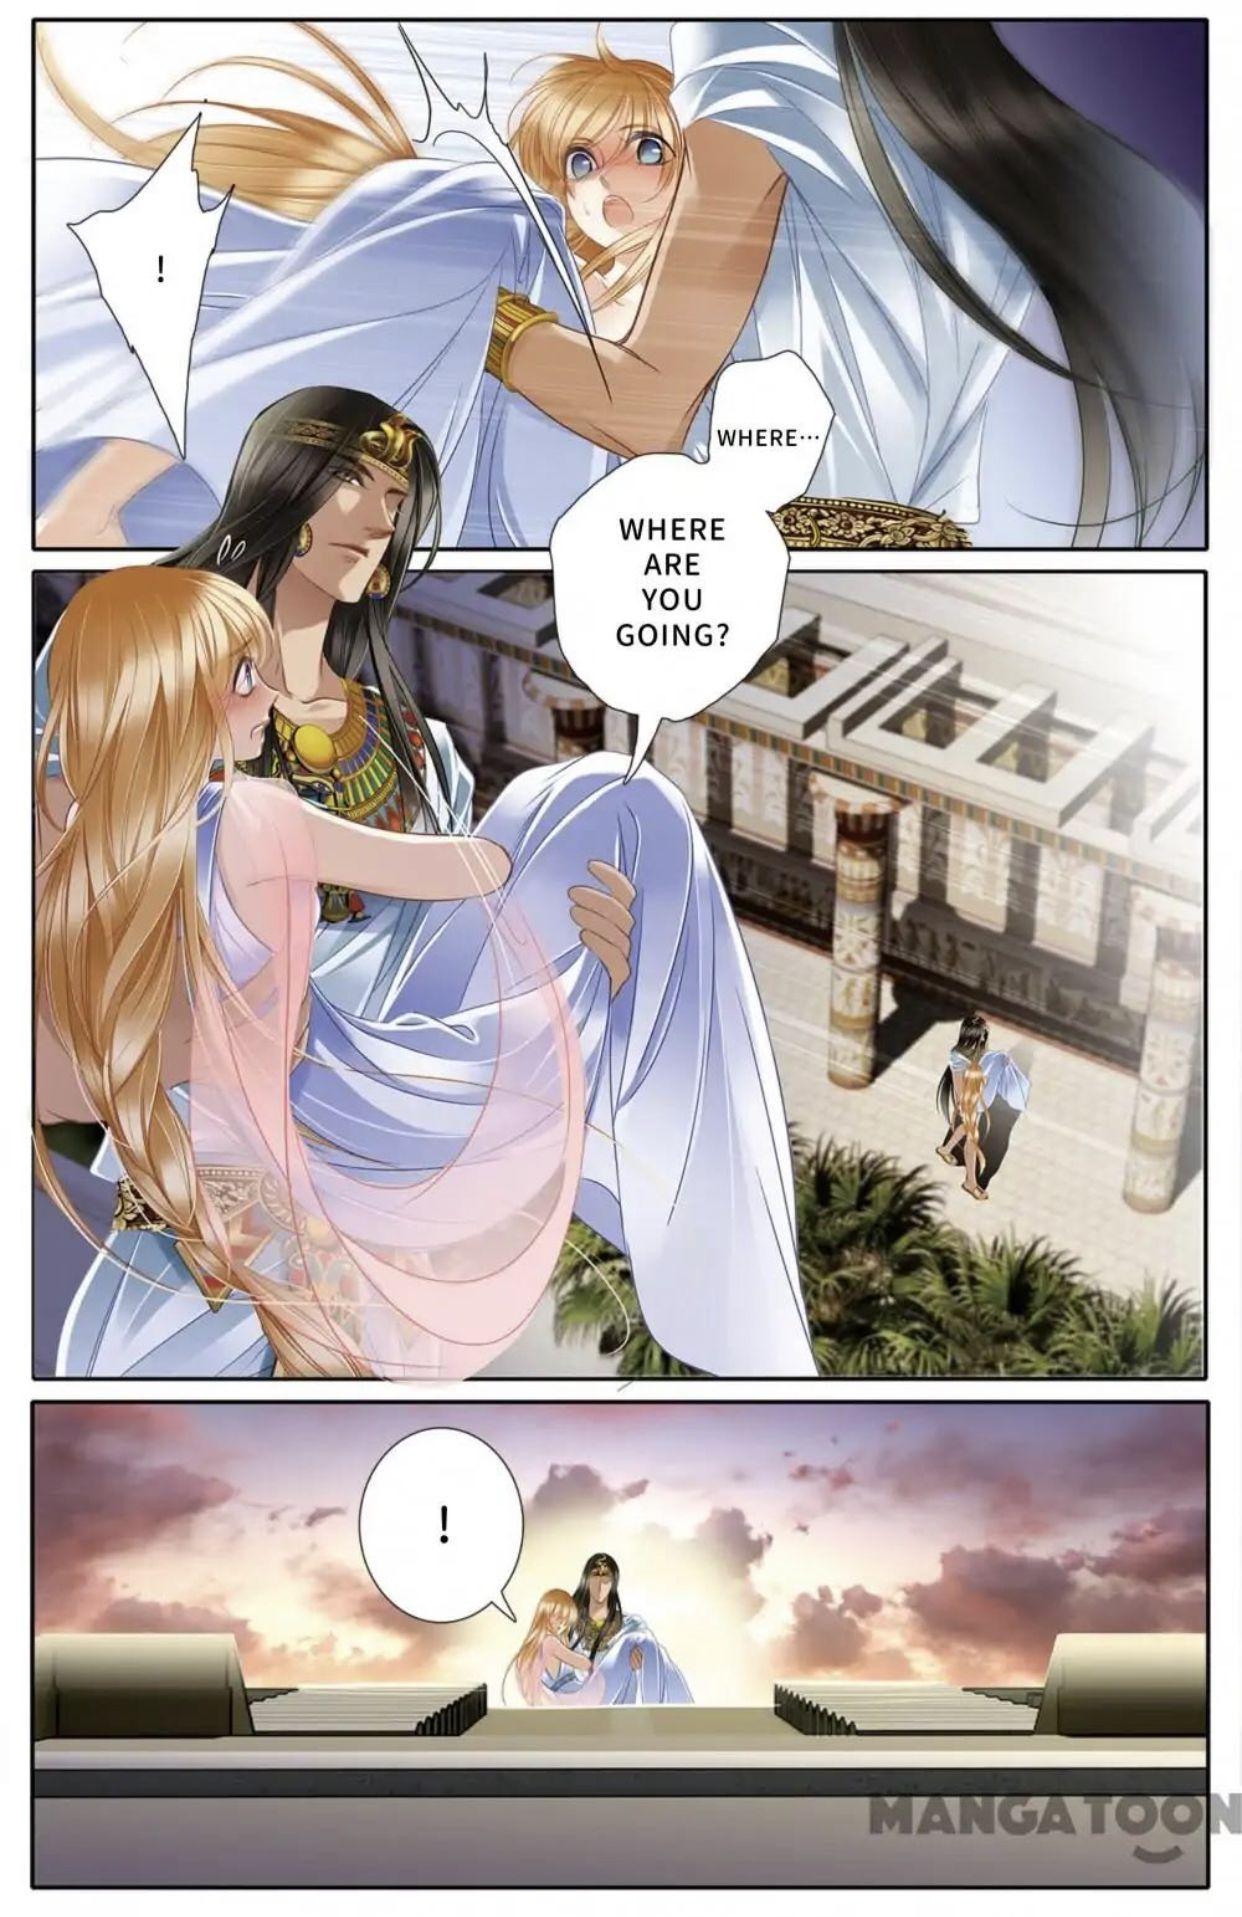 Pin by Animemangaluver on Pharaoh's Concubine Manga 2014